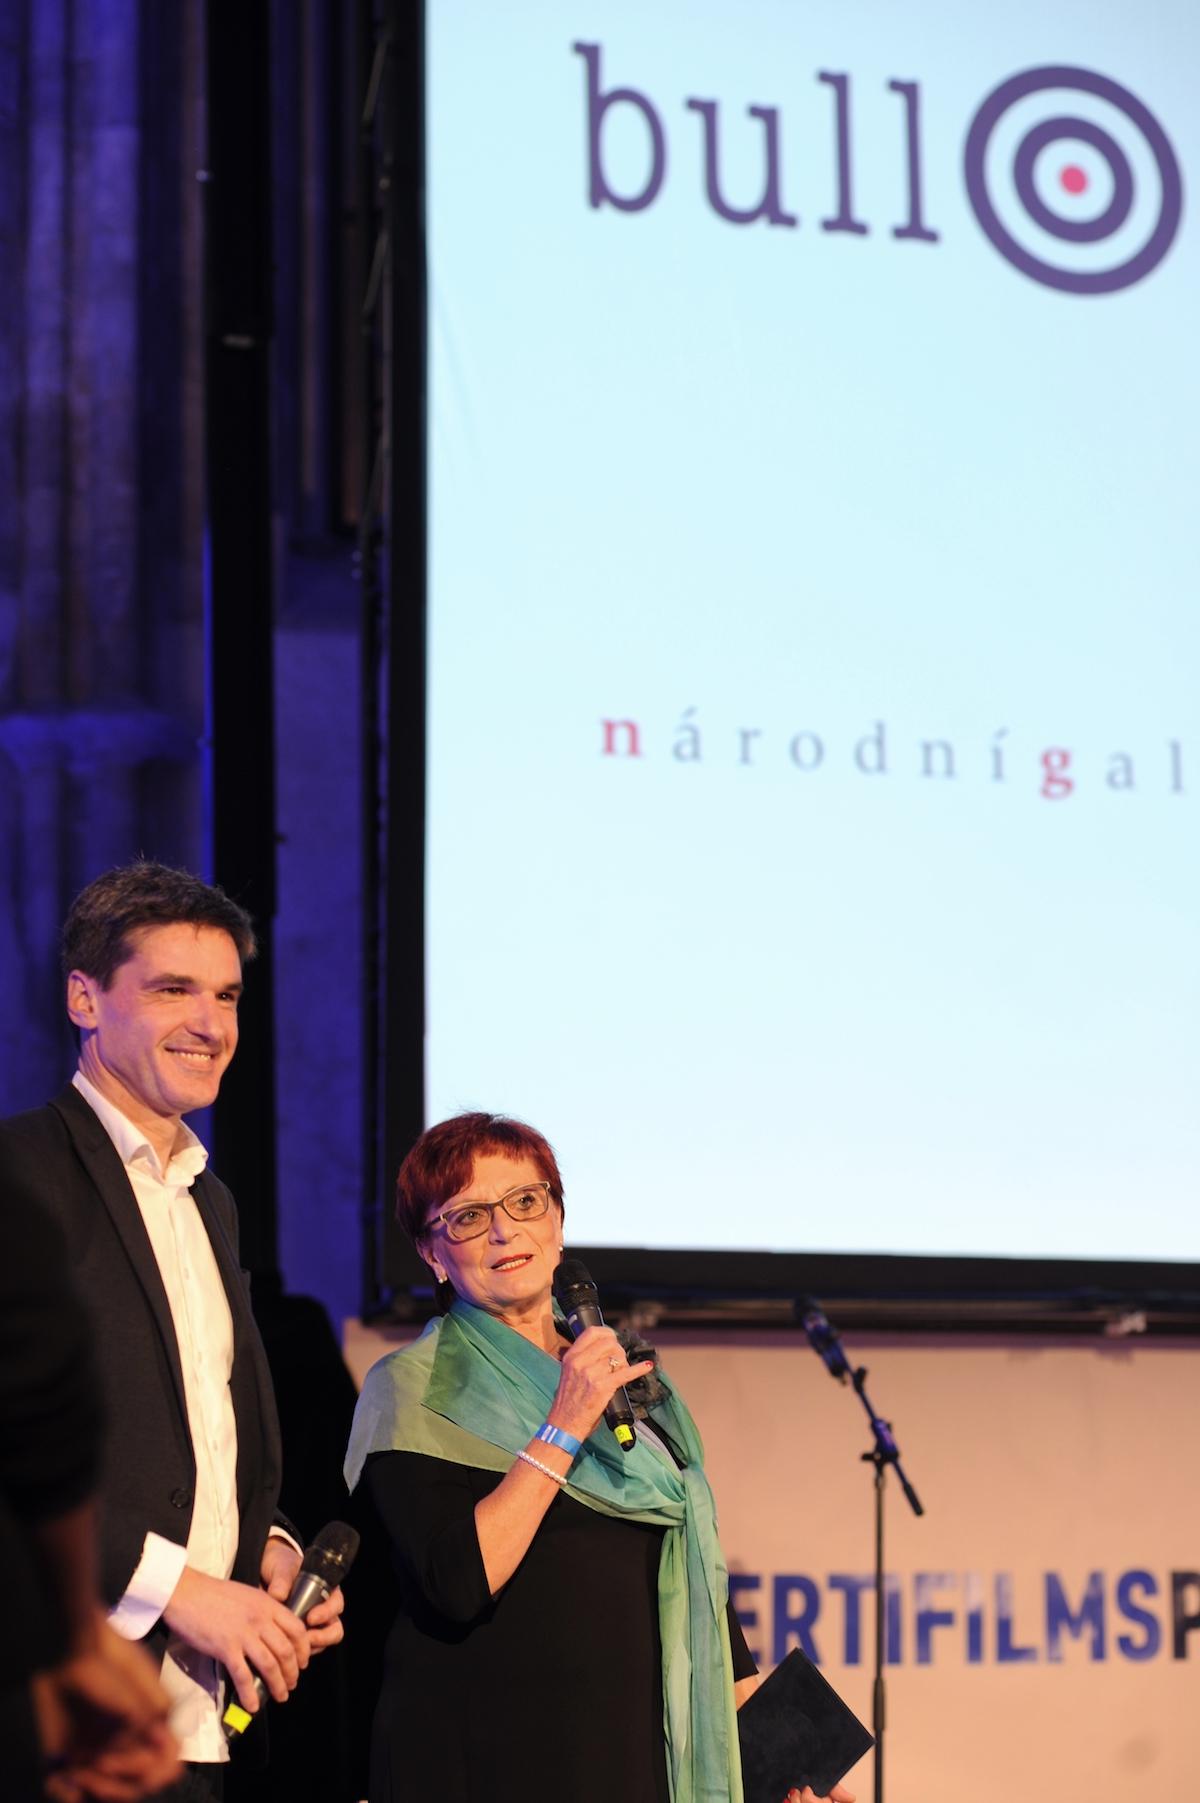 Cenu předávala náměstkyně pražské primátorky Eva Kislingerová. Foto: Jana Lábrová